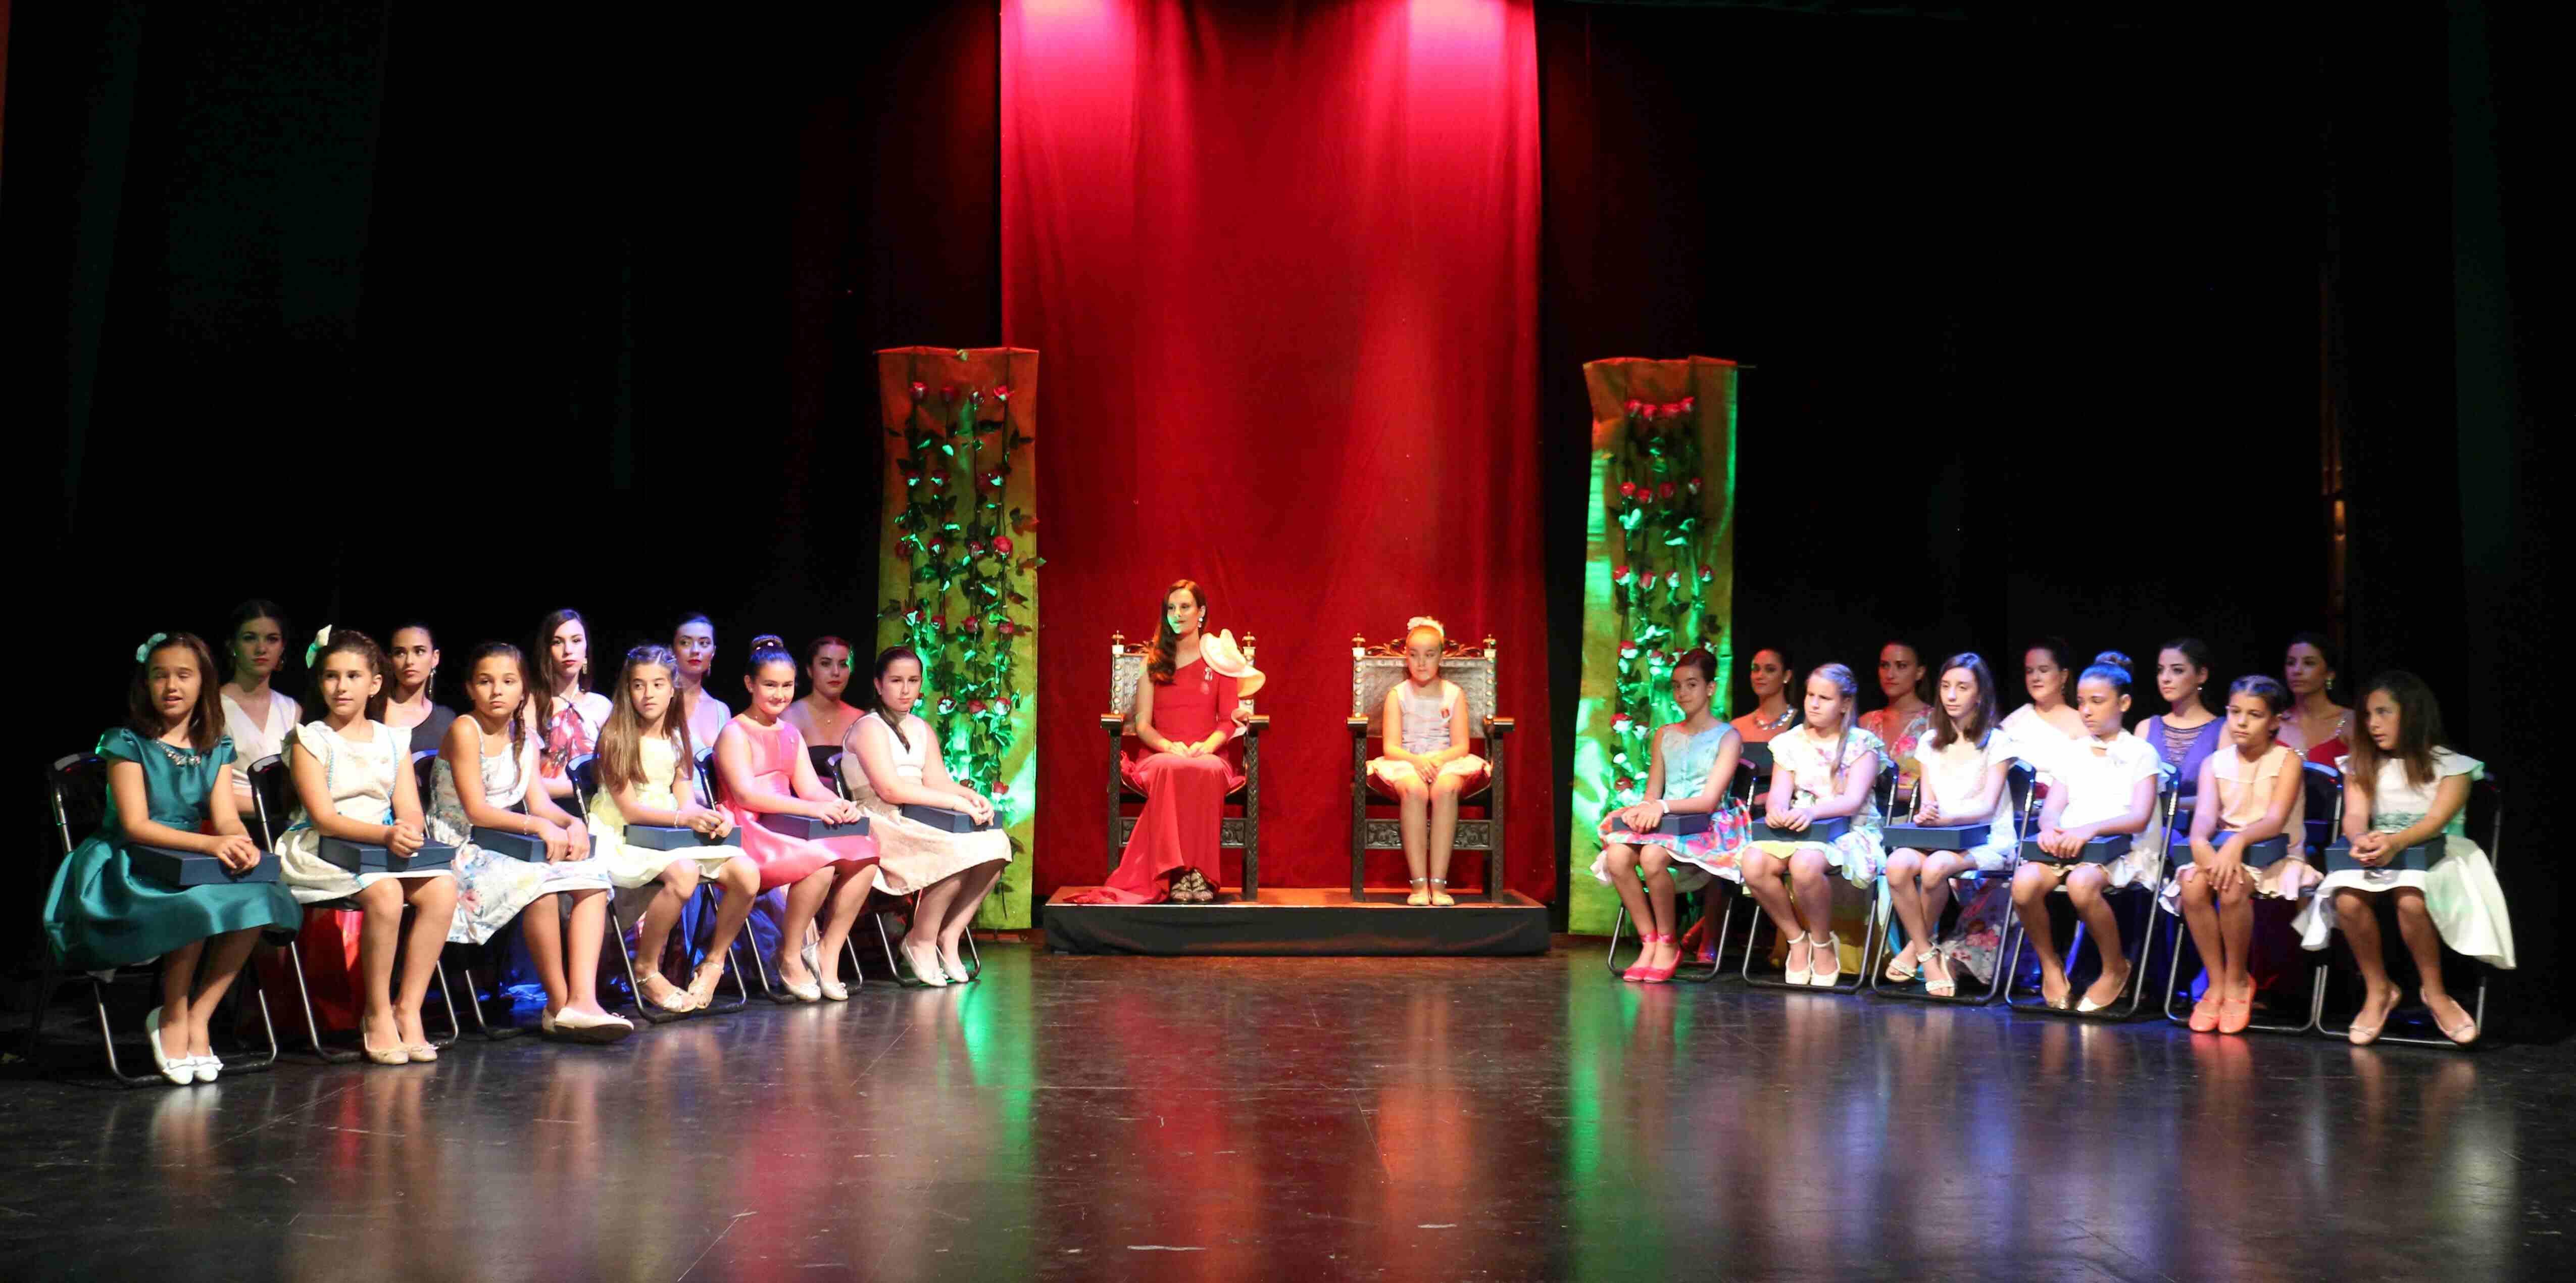 Las Reinas, Damas y Cortes de Honor 2017 estuvieron en el escenario del Teatro Serrano